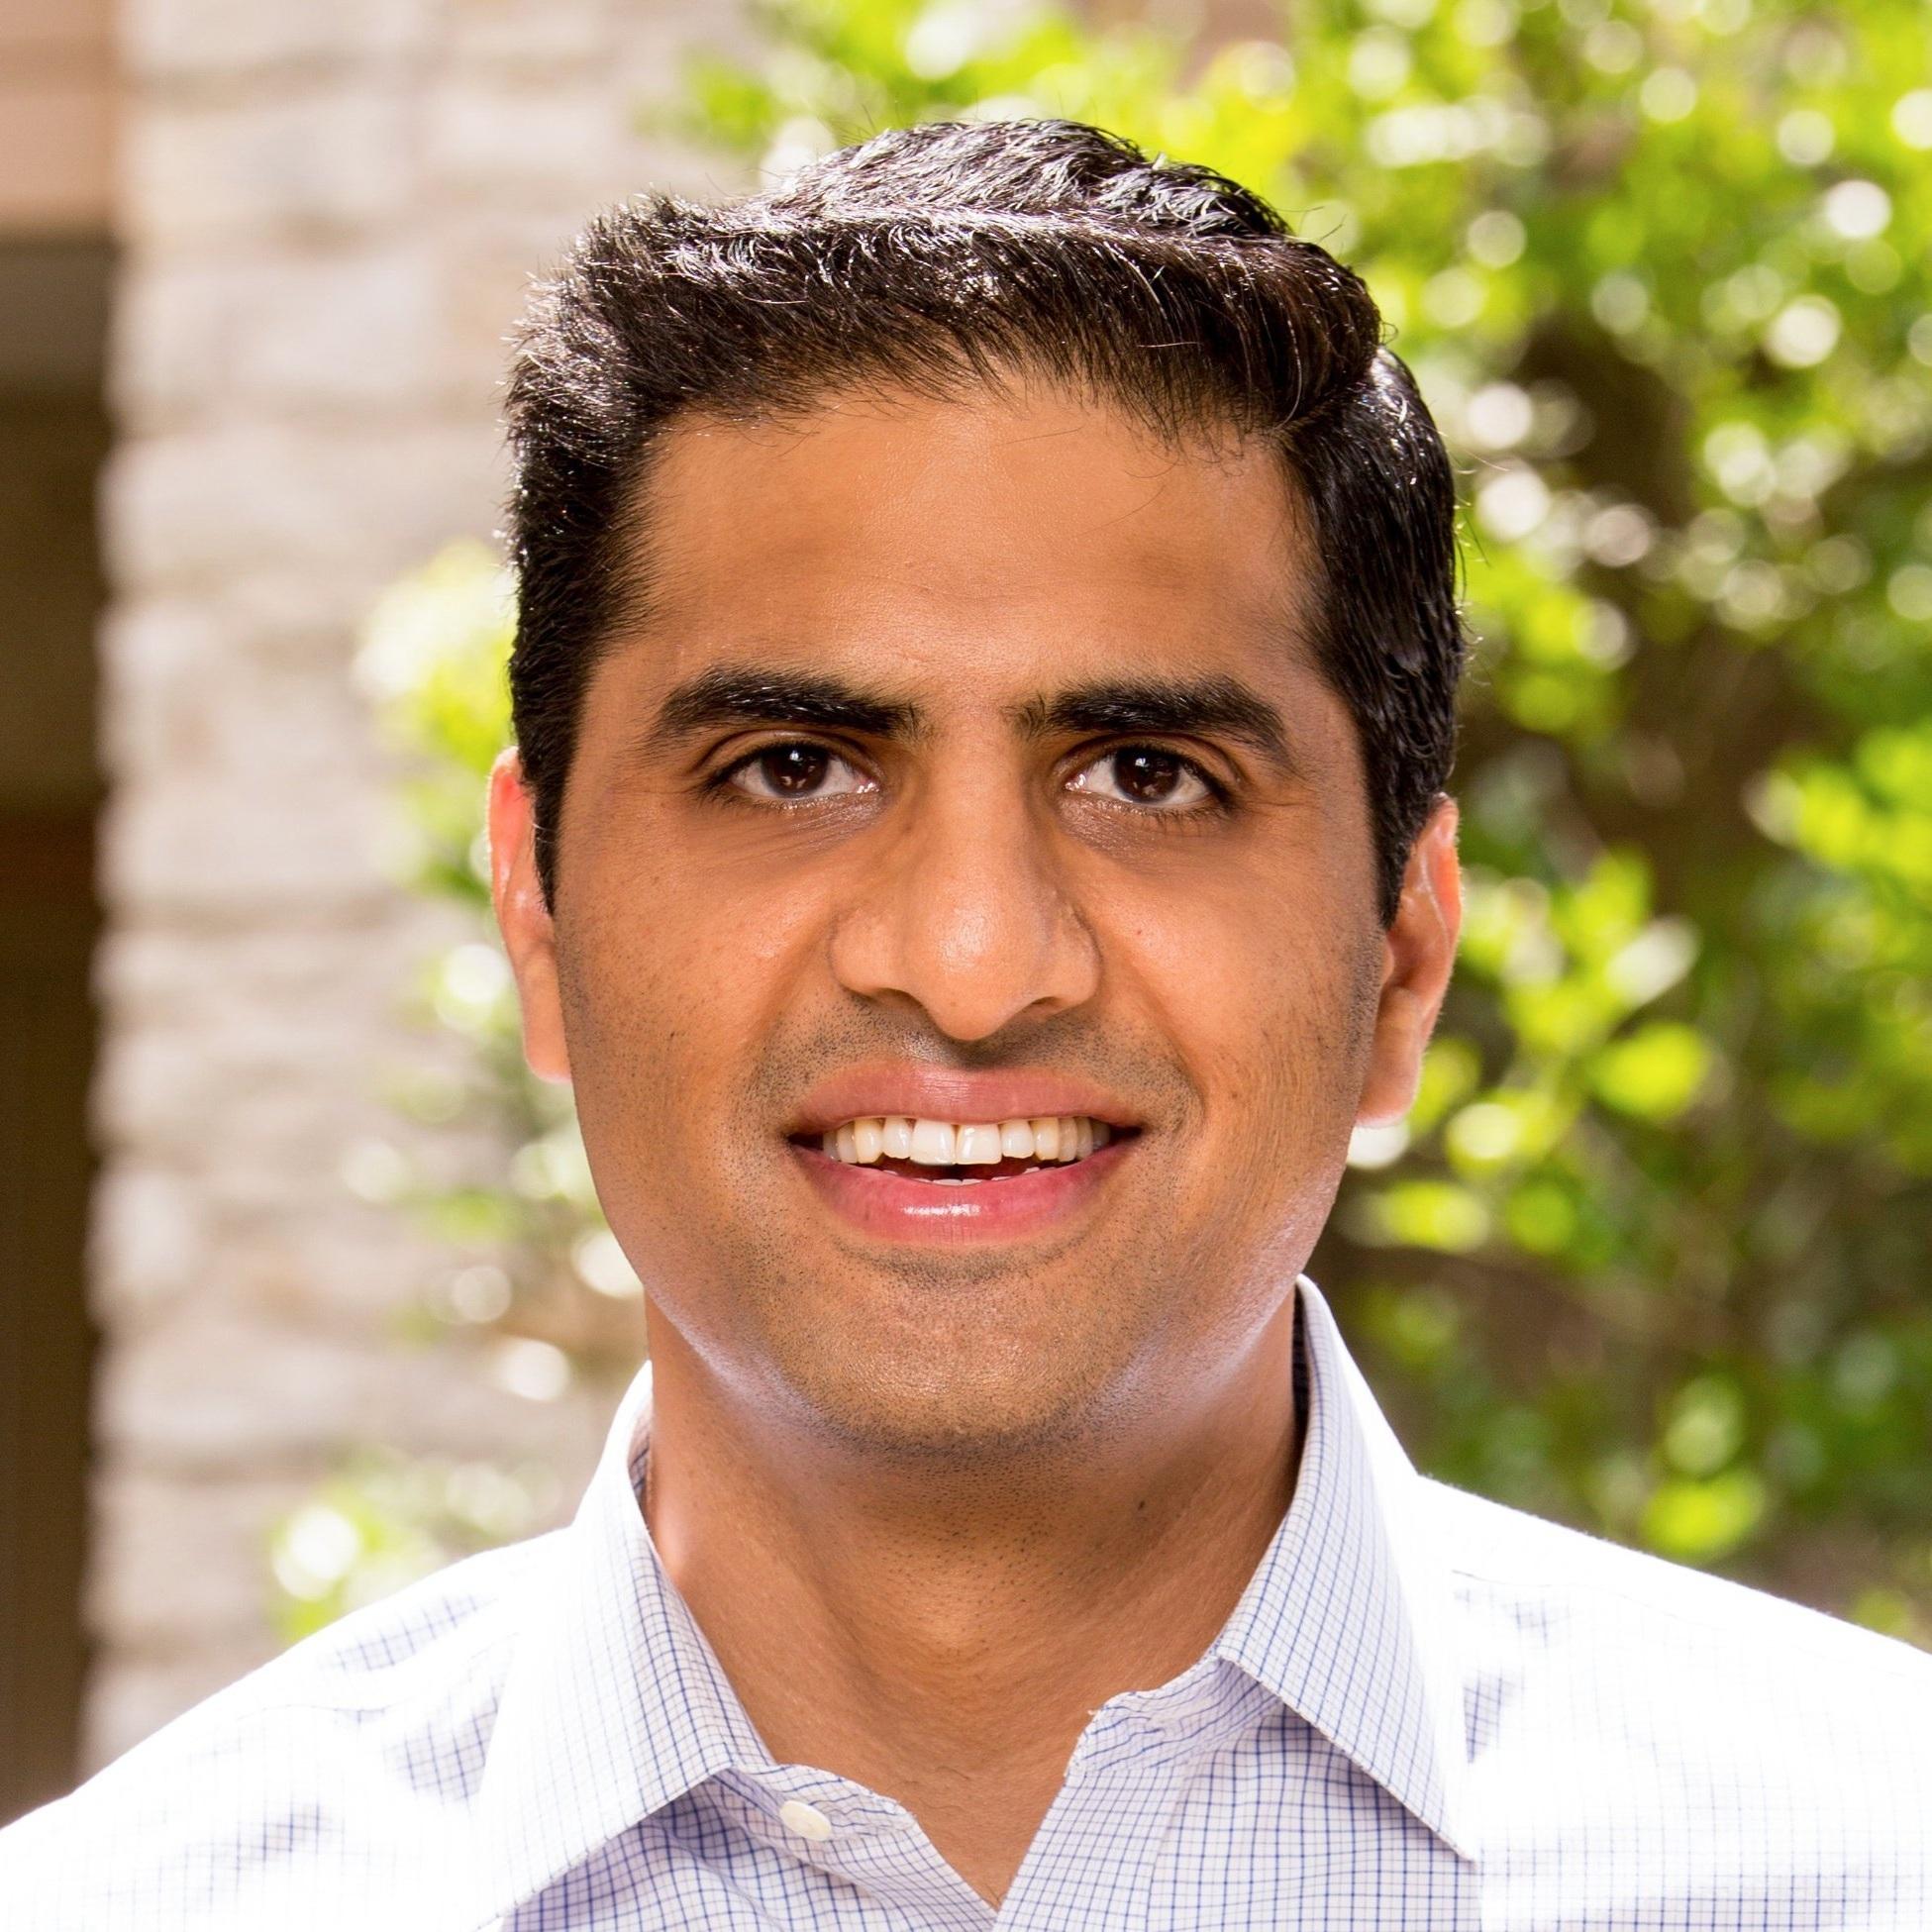 Saurin N. Patel, M.D. # Access Physicians